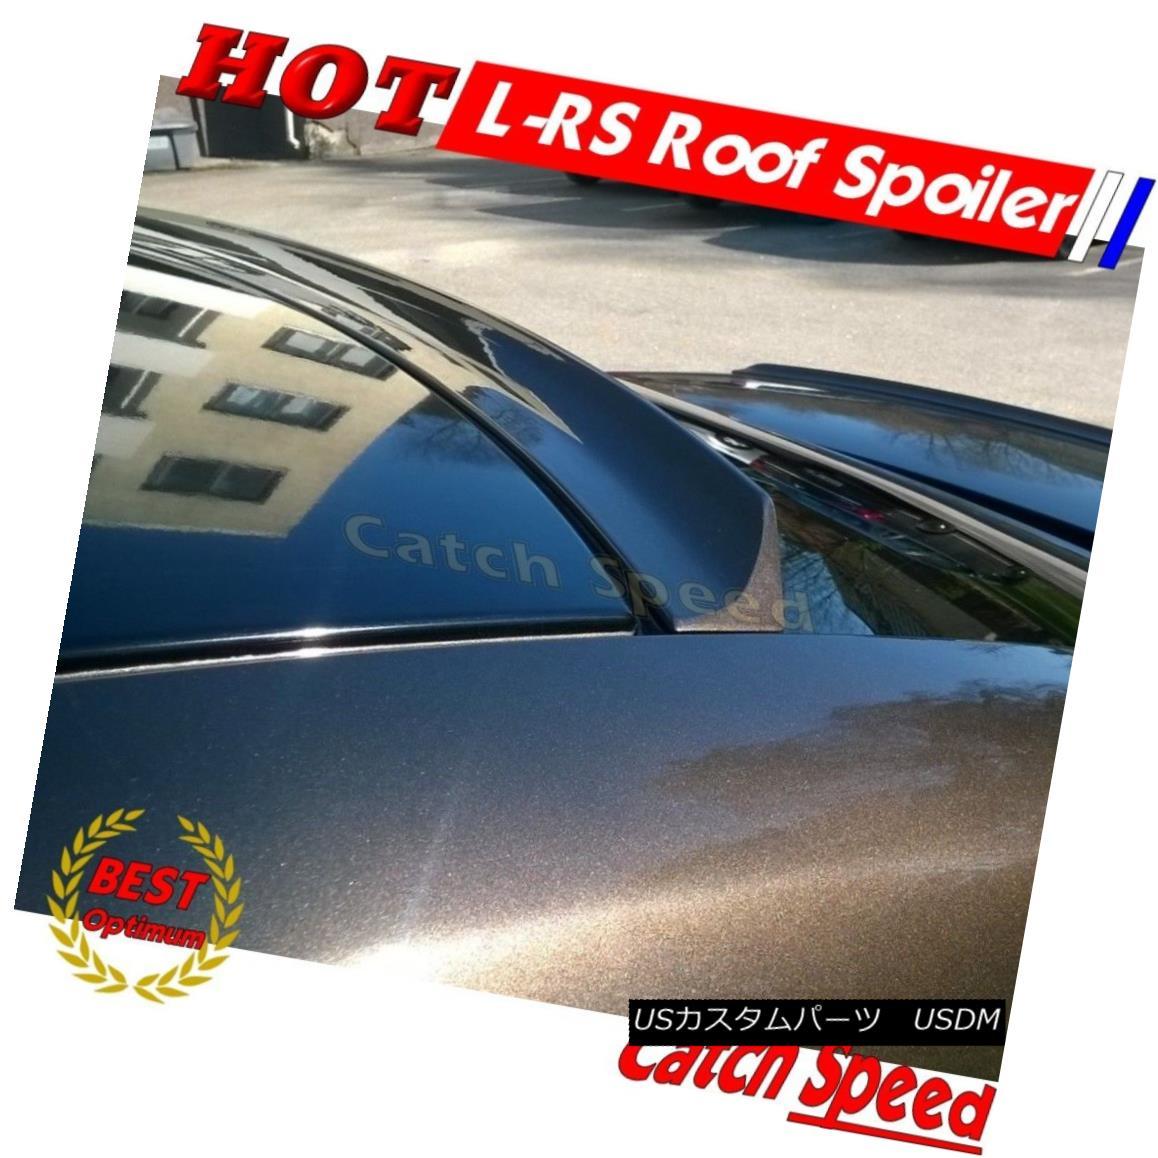 エアロパーツ Painted LRS Type Rear Window Roof Spoiler For Chrysler 300 300C SRT8 2011-15 ? 塗装されたLRSタイプリアウィンドウルーフスポイラークライスラー300 300C SRT8 2011-15?